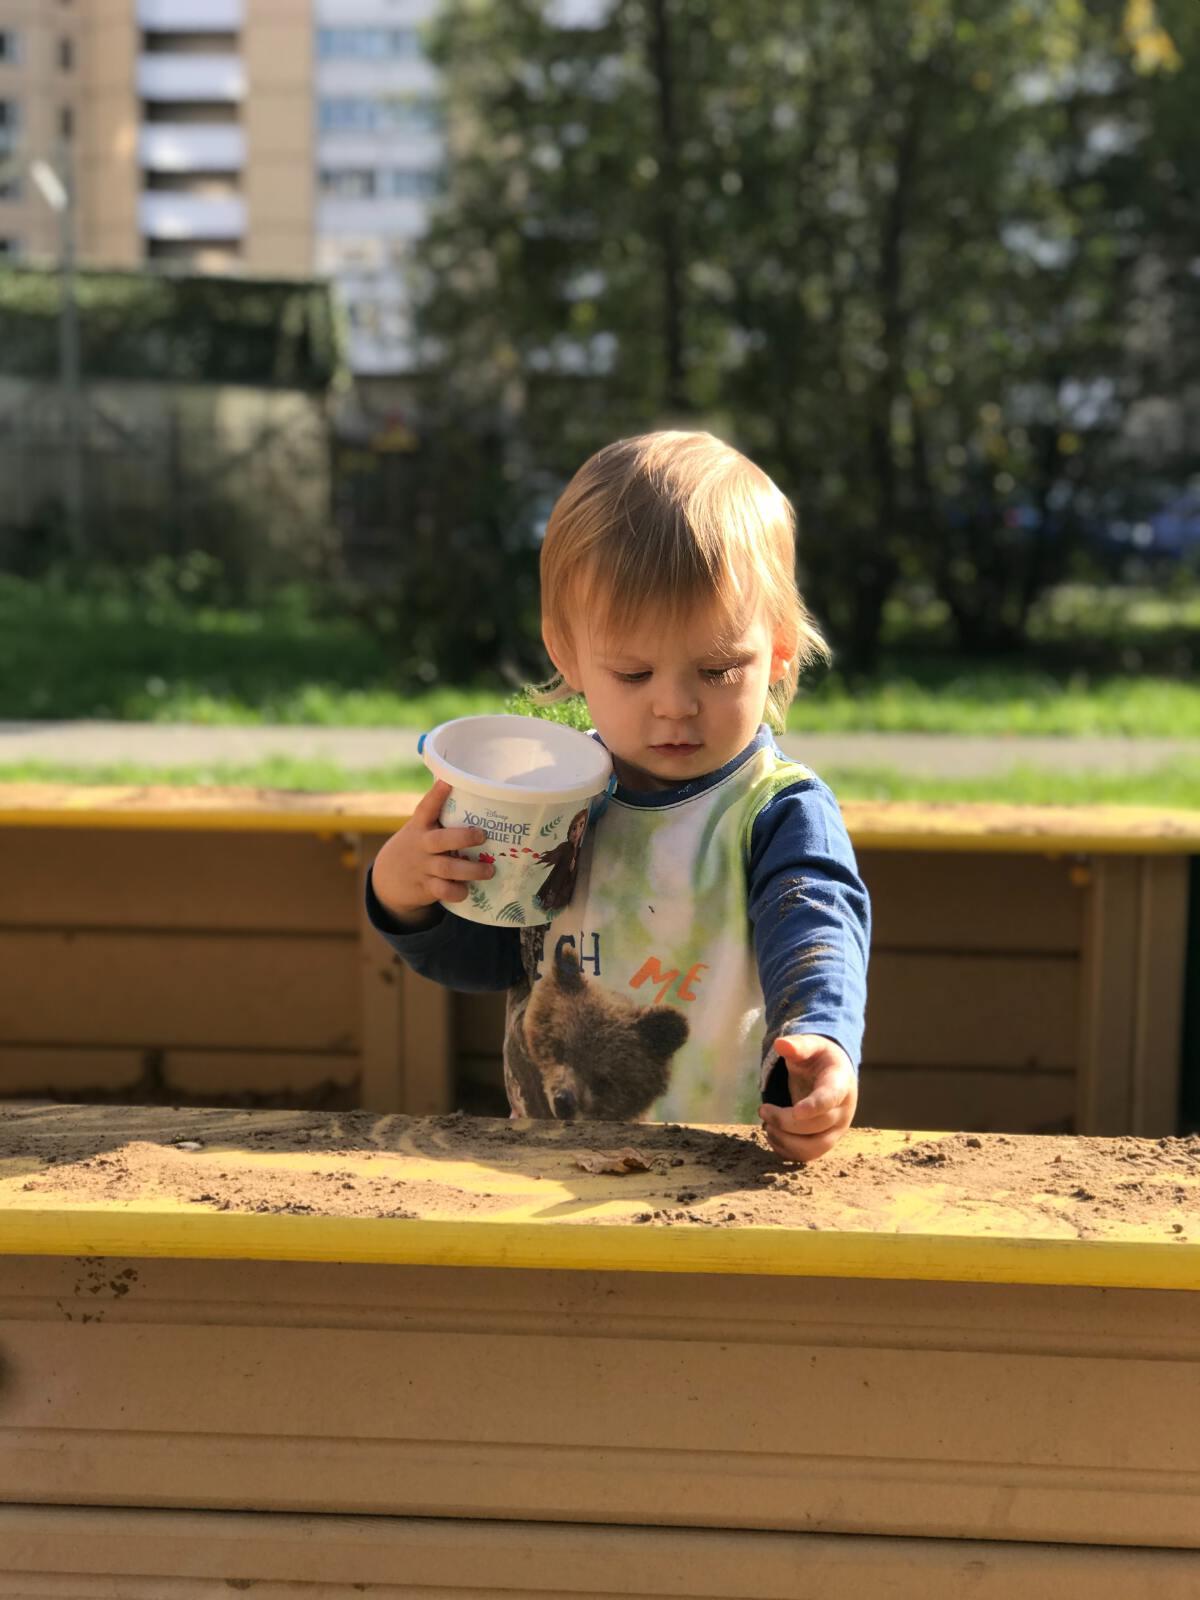 """9 ประโยชน์ให้ลูกเล่นทราย เสริมทักษะ """"ความฉลาด"""" ได้รอบด้าน"""